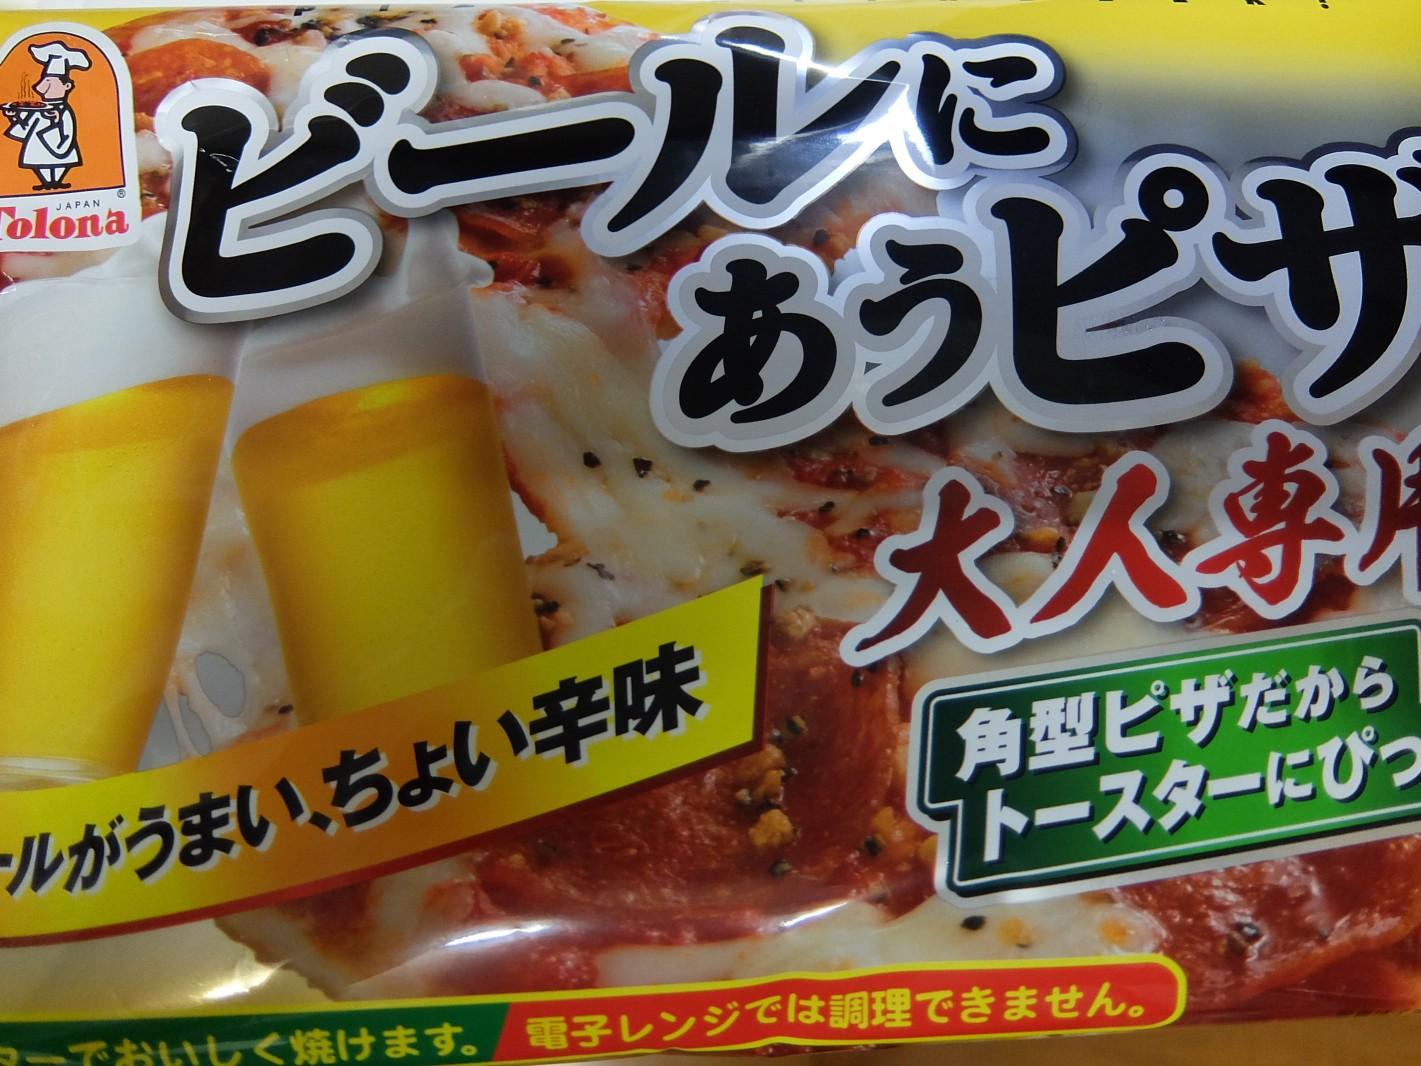 暑かった日の夕刻、「ビールにあうピッツァ」(トロナジャパン) 今年は特にスパイシー